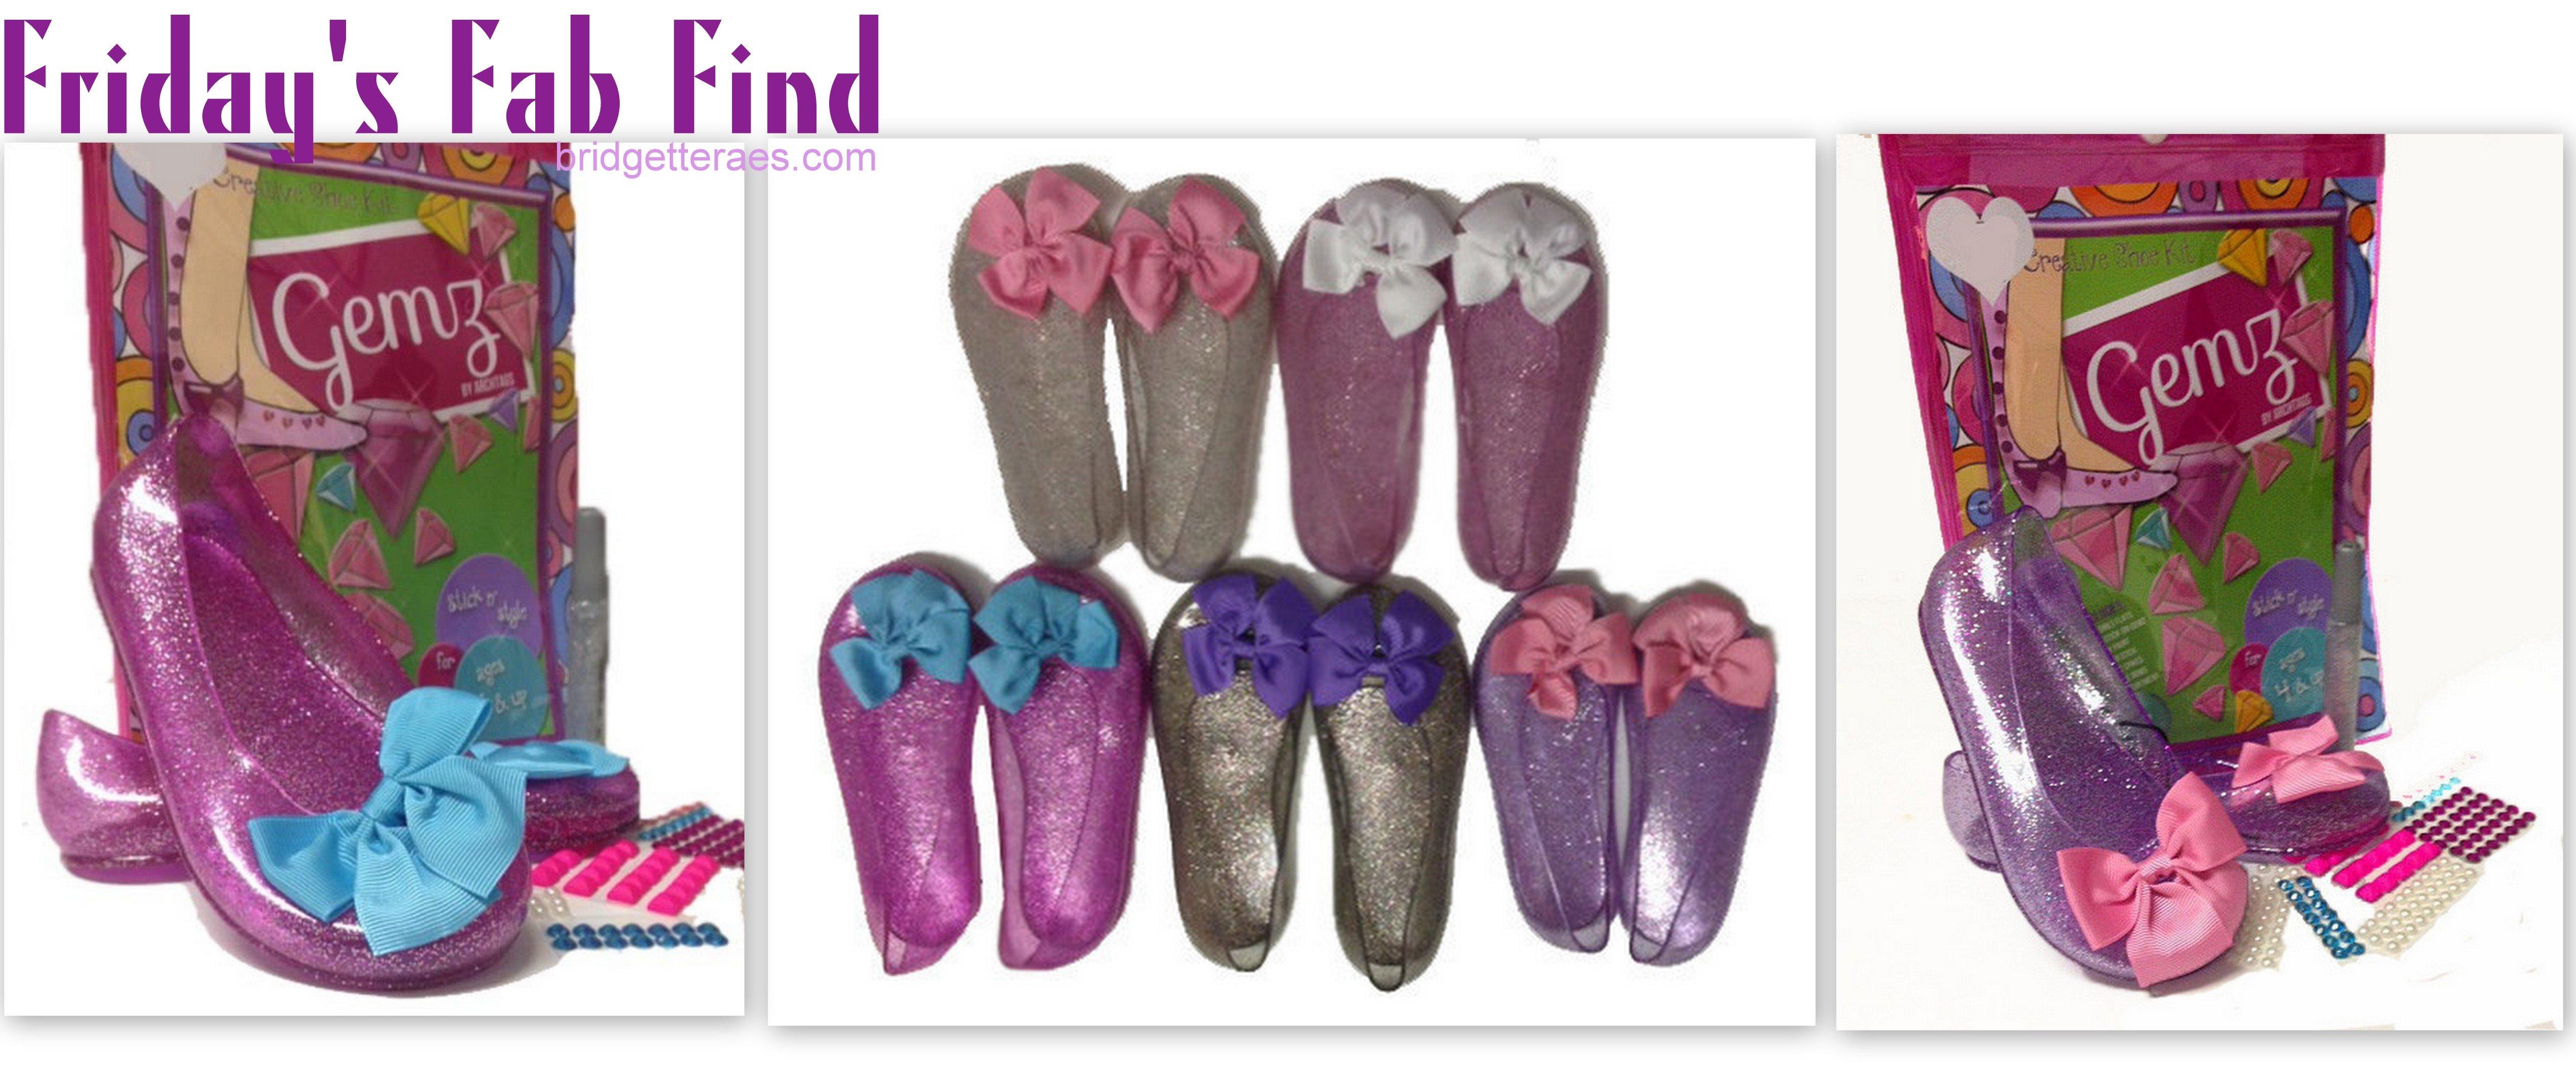 Friday's Fab Find: Gemz Shoe Craft Kit